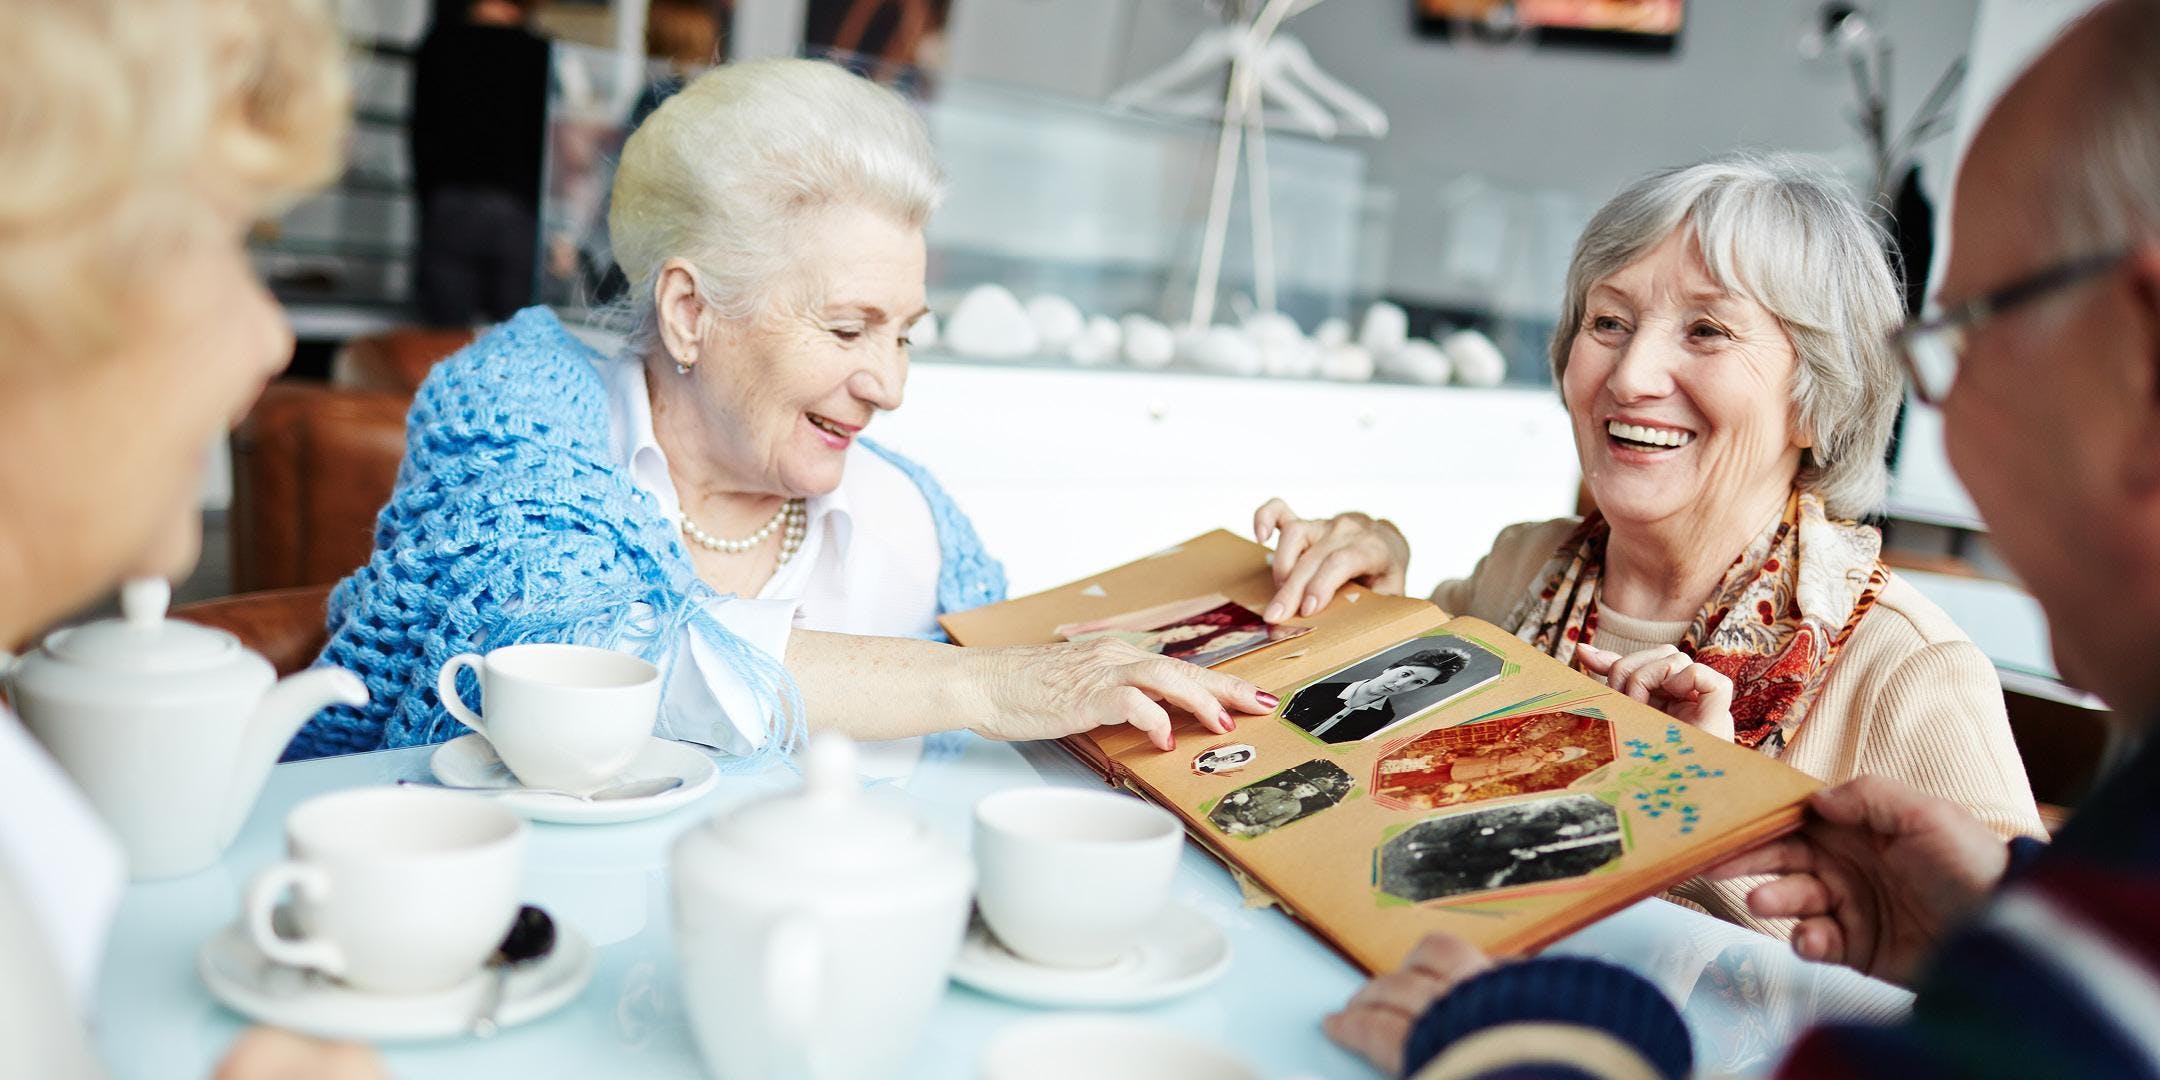 Wellbeing Talks in Community Langauges Healthy Brain Ageing (Mandarin)